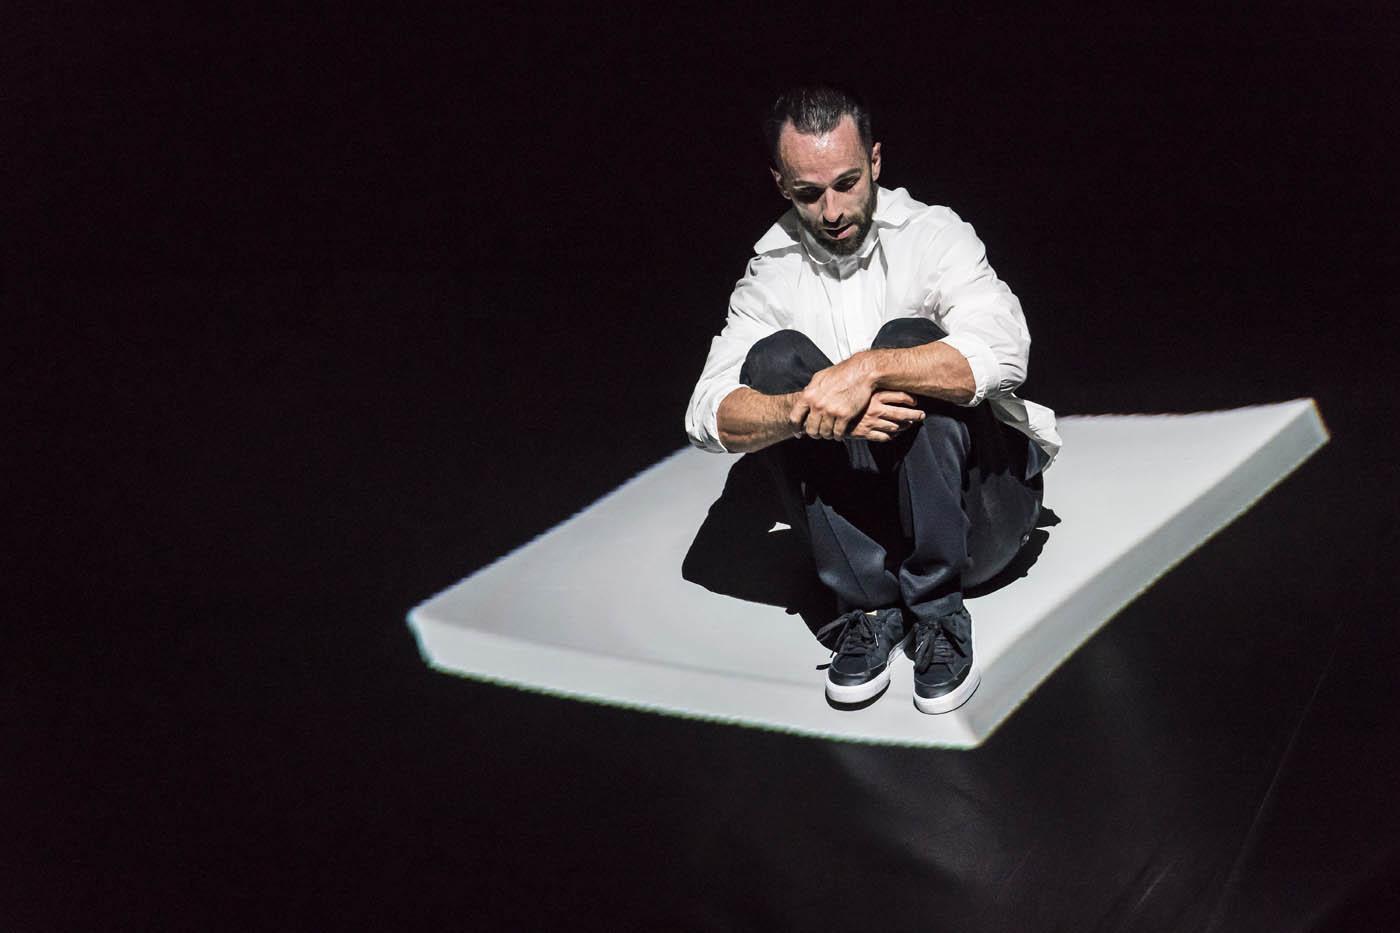 wang ramirez danse hip hop pierrecardin hiphop breakdance pixel - Wang Ramirez, le couple de danse urbaine qui bouscule les codes